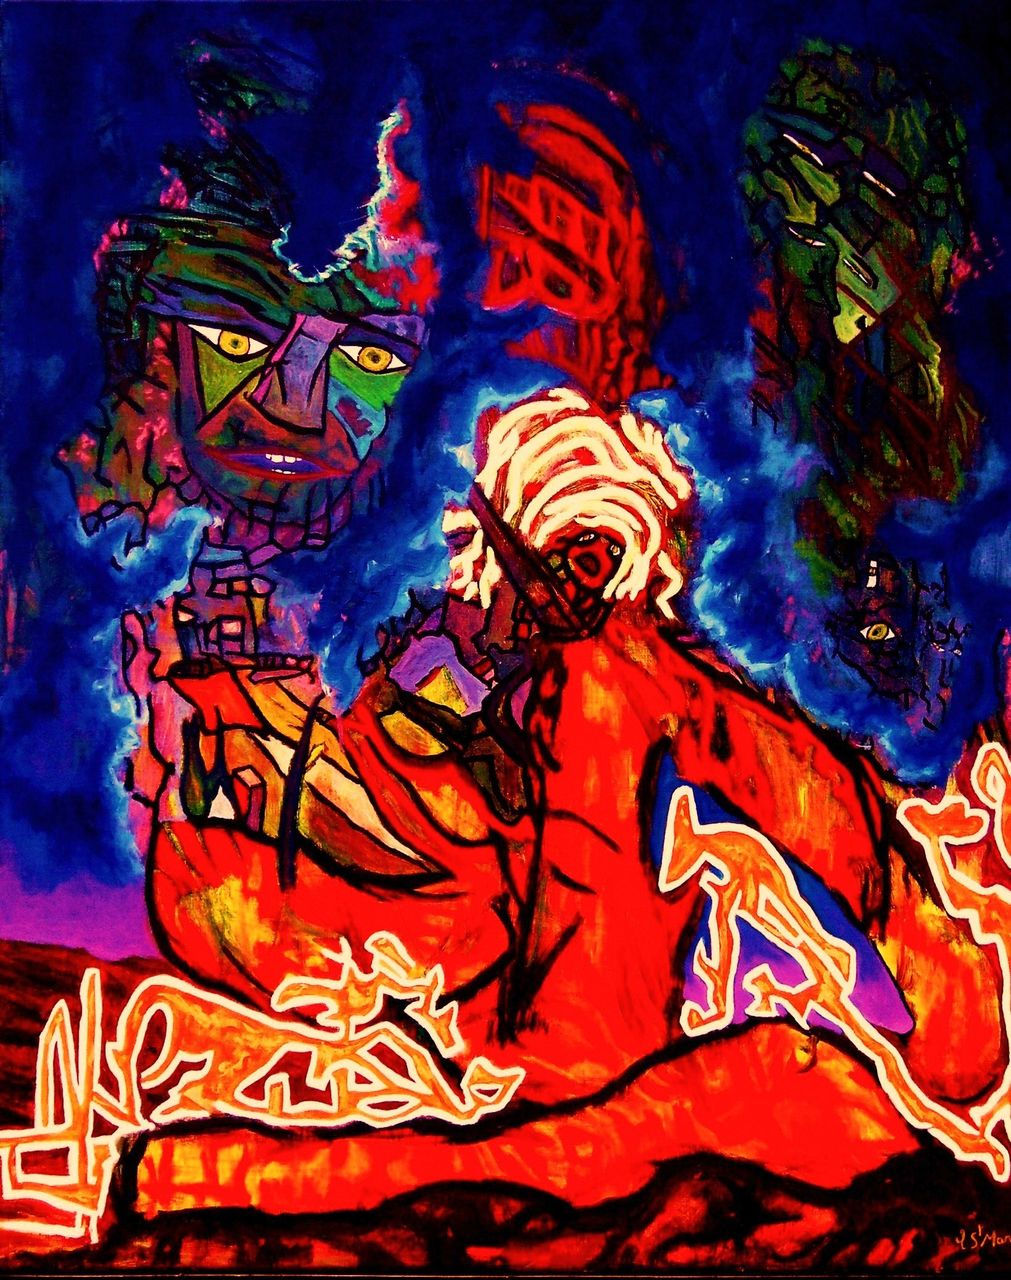 christian saint marc Le Fakir 2008